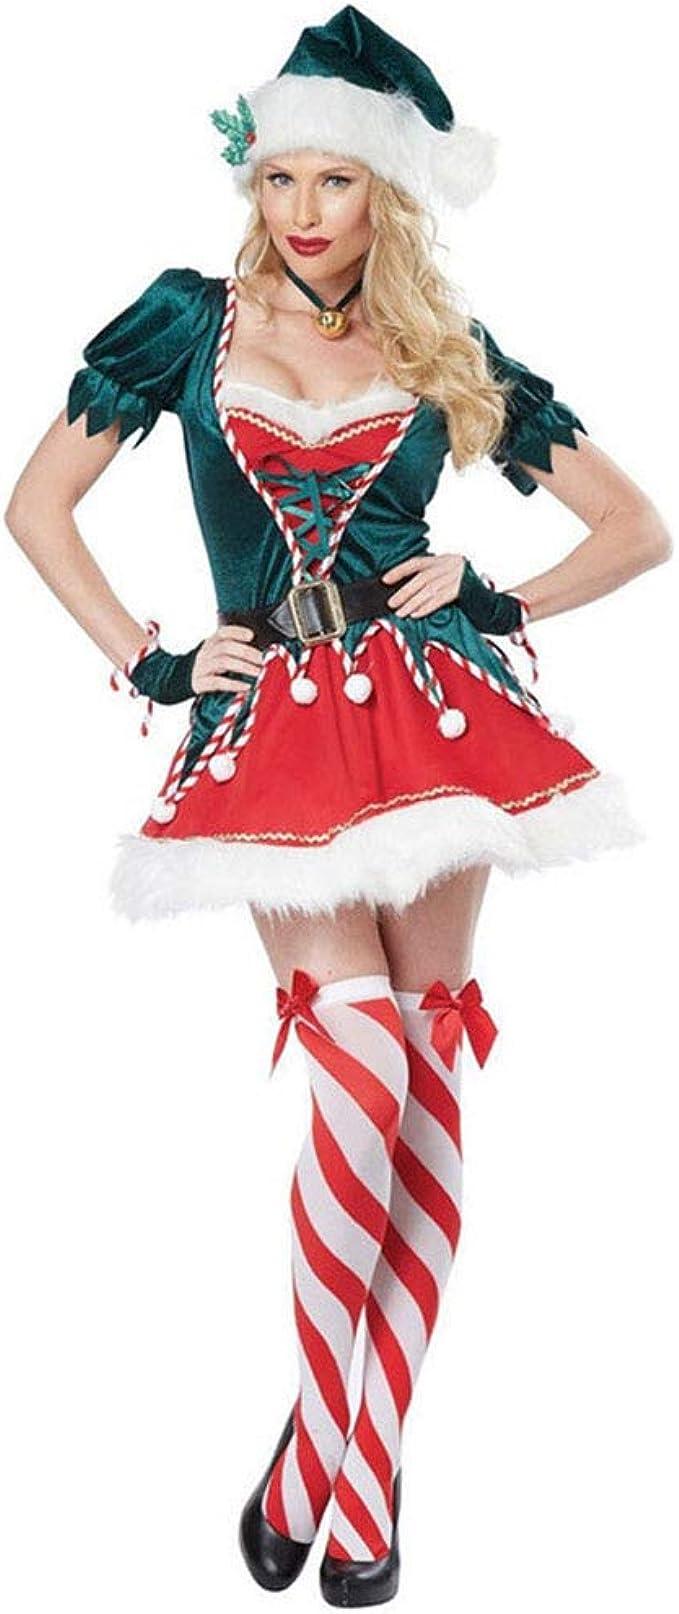 HELEVIA Disfraz de Elfo de Navidad para Mujer de Heelvia, Traje ...